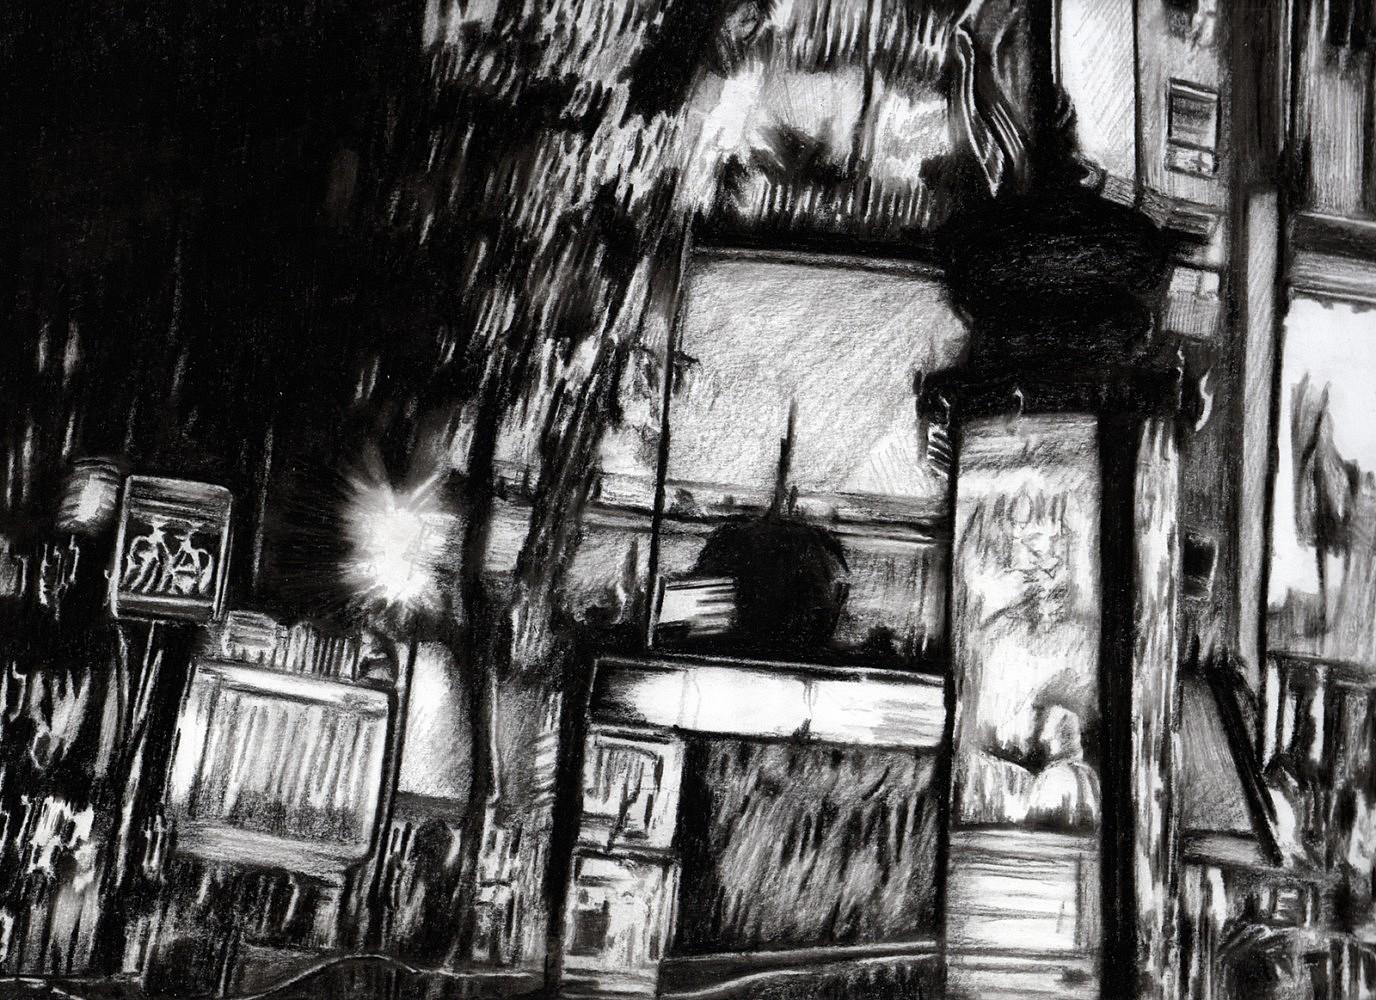 Nocturnes (Place Clichy #1) | Crayon marqueur 25x35 cm - 2011